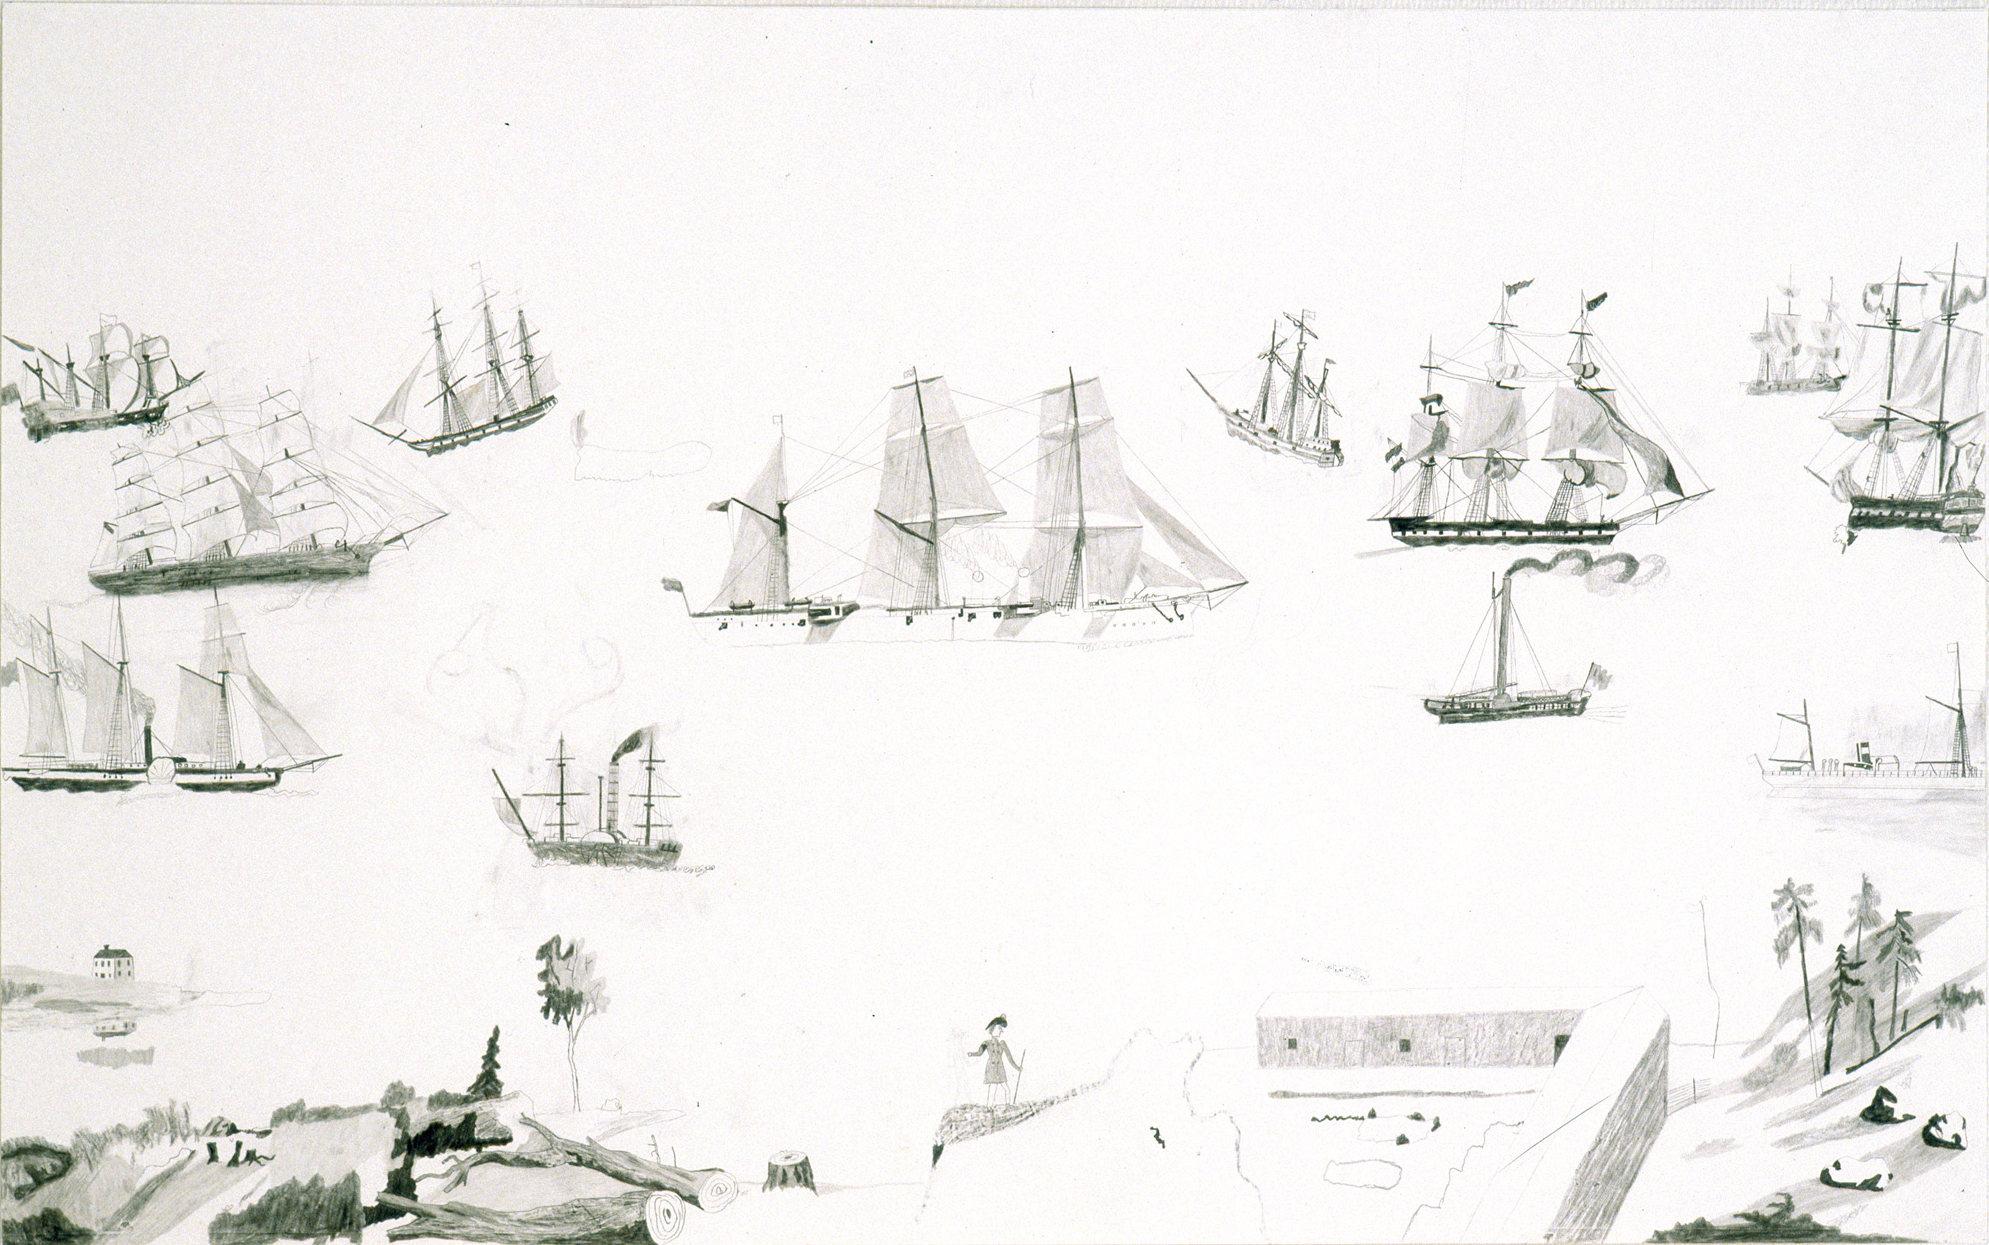 Leaving Here (Sur le départ), graphite sur papier (59.5 x 98.5 cm)